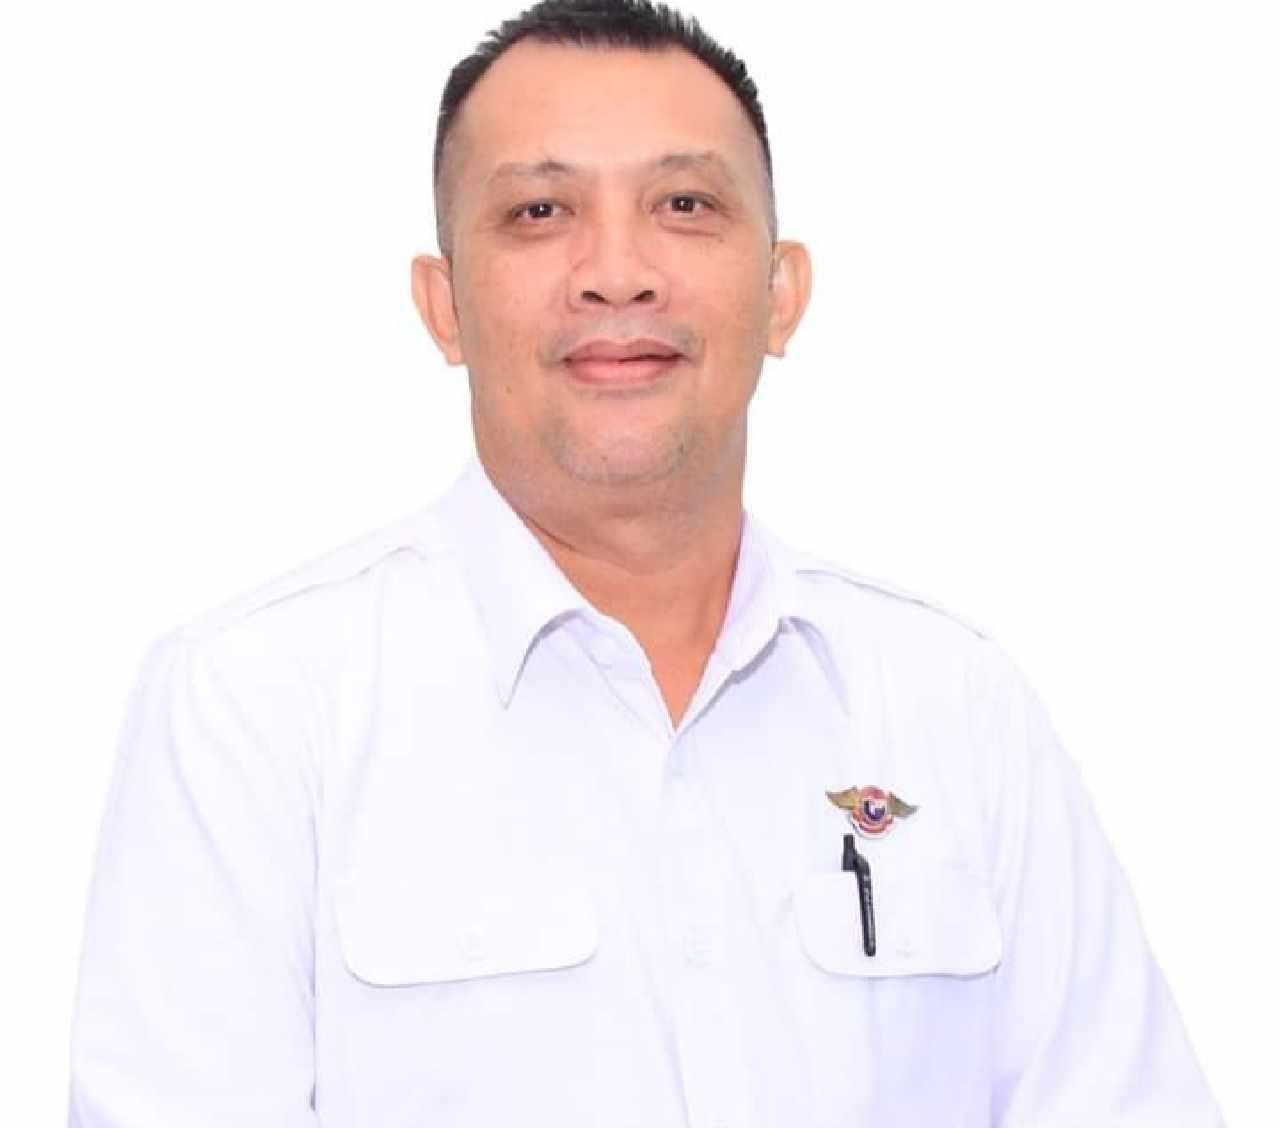 Jhon Dumais: Semua Masih Berproses, dari DPP Perindo Belum Final